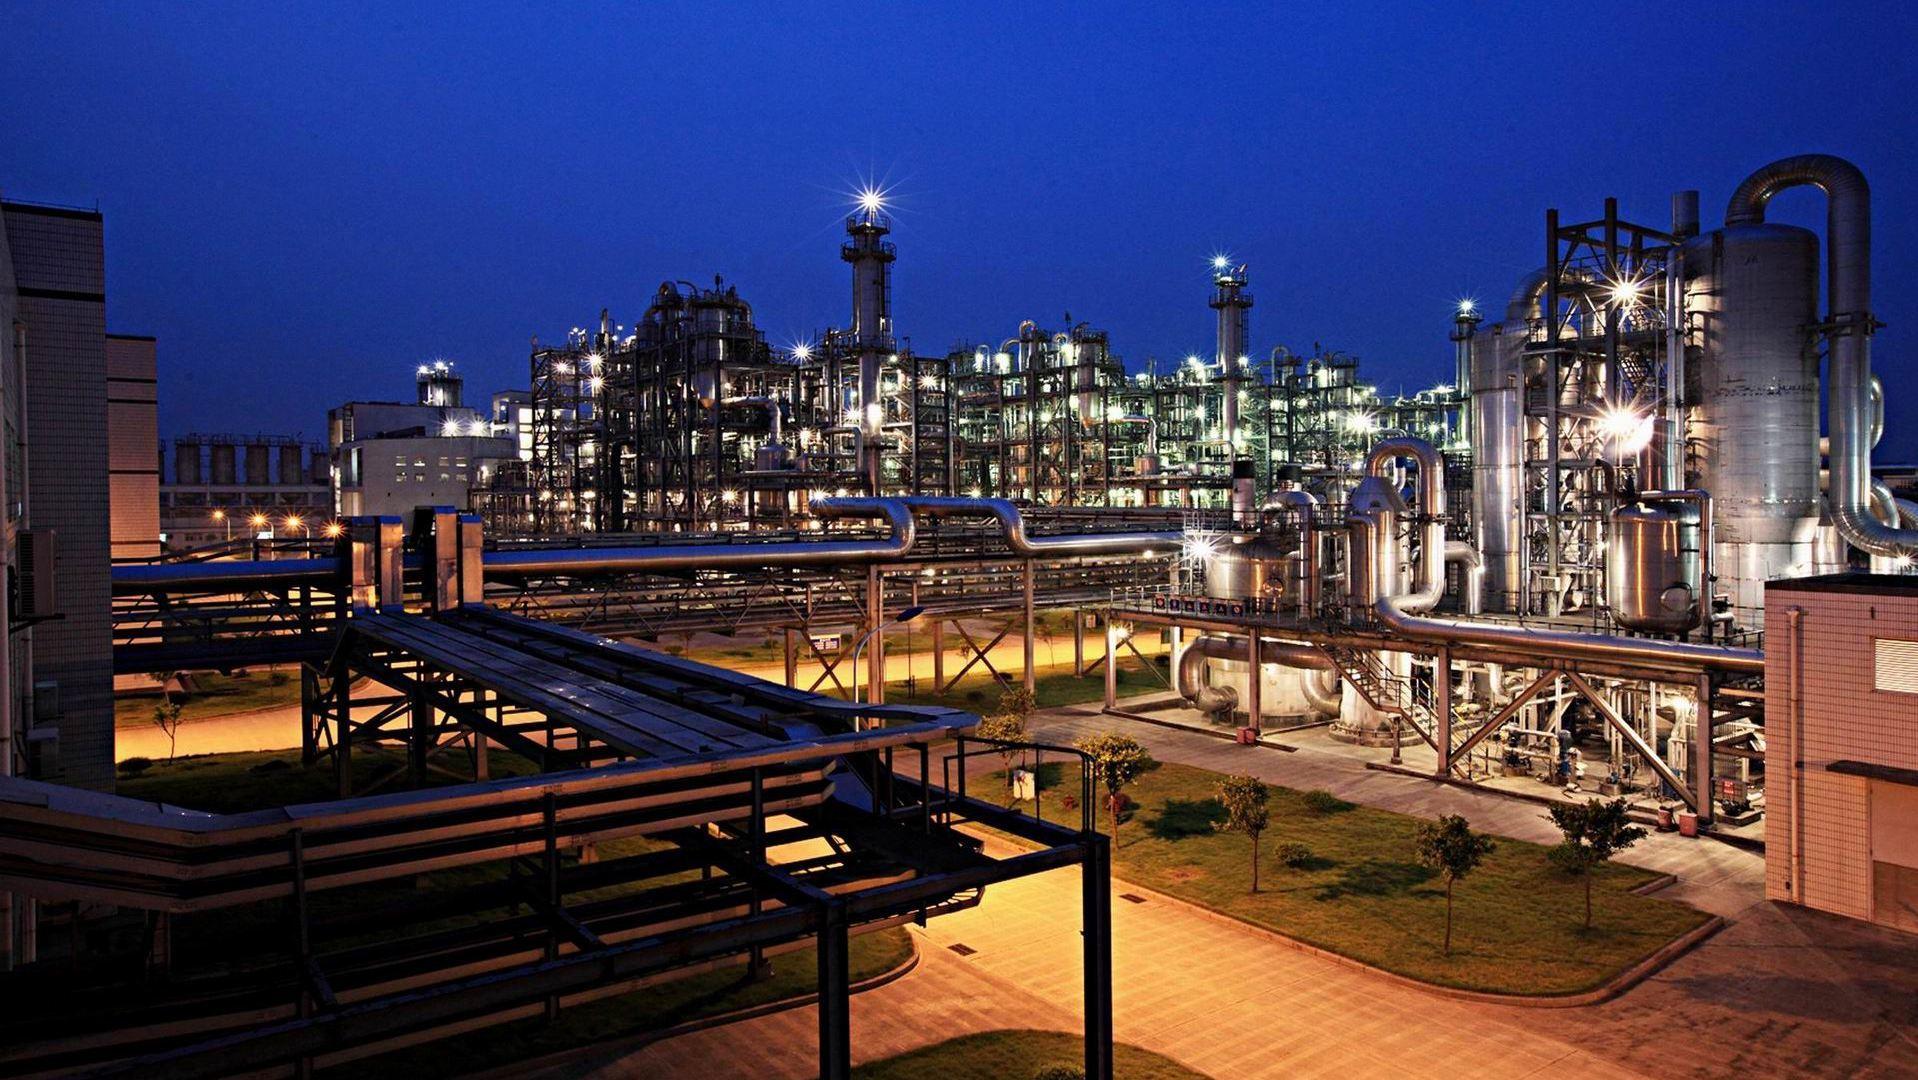 钢材网上线,专注钢铁行业供求信息发布与最新资讯